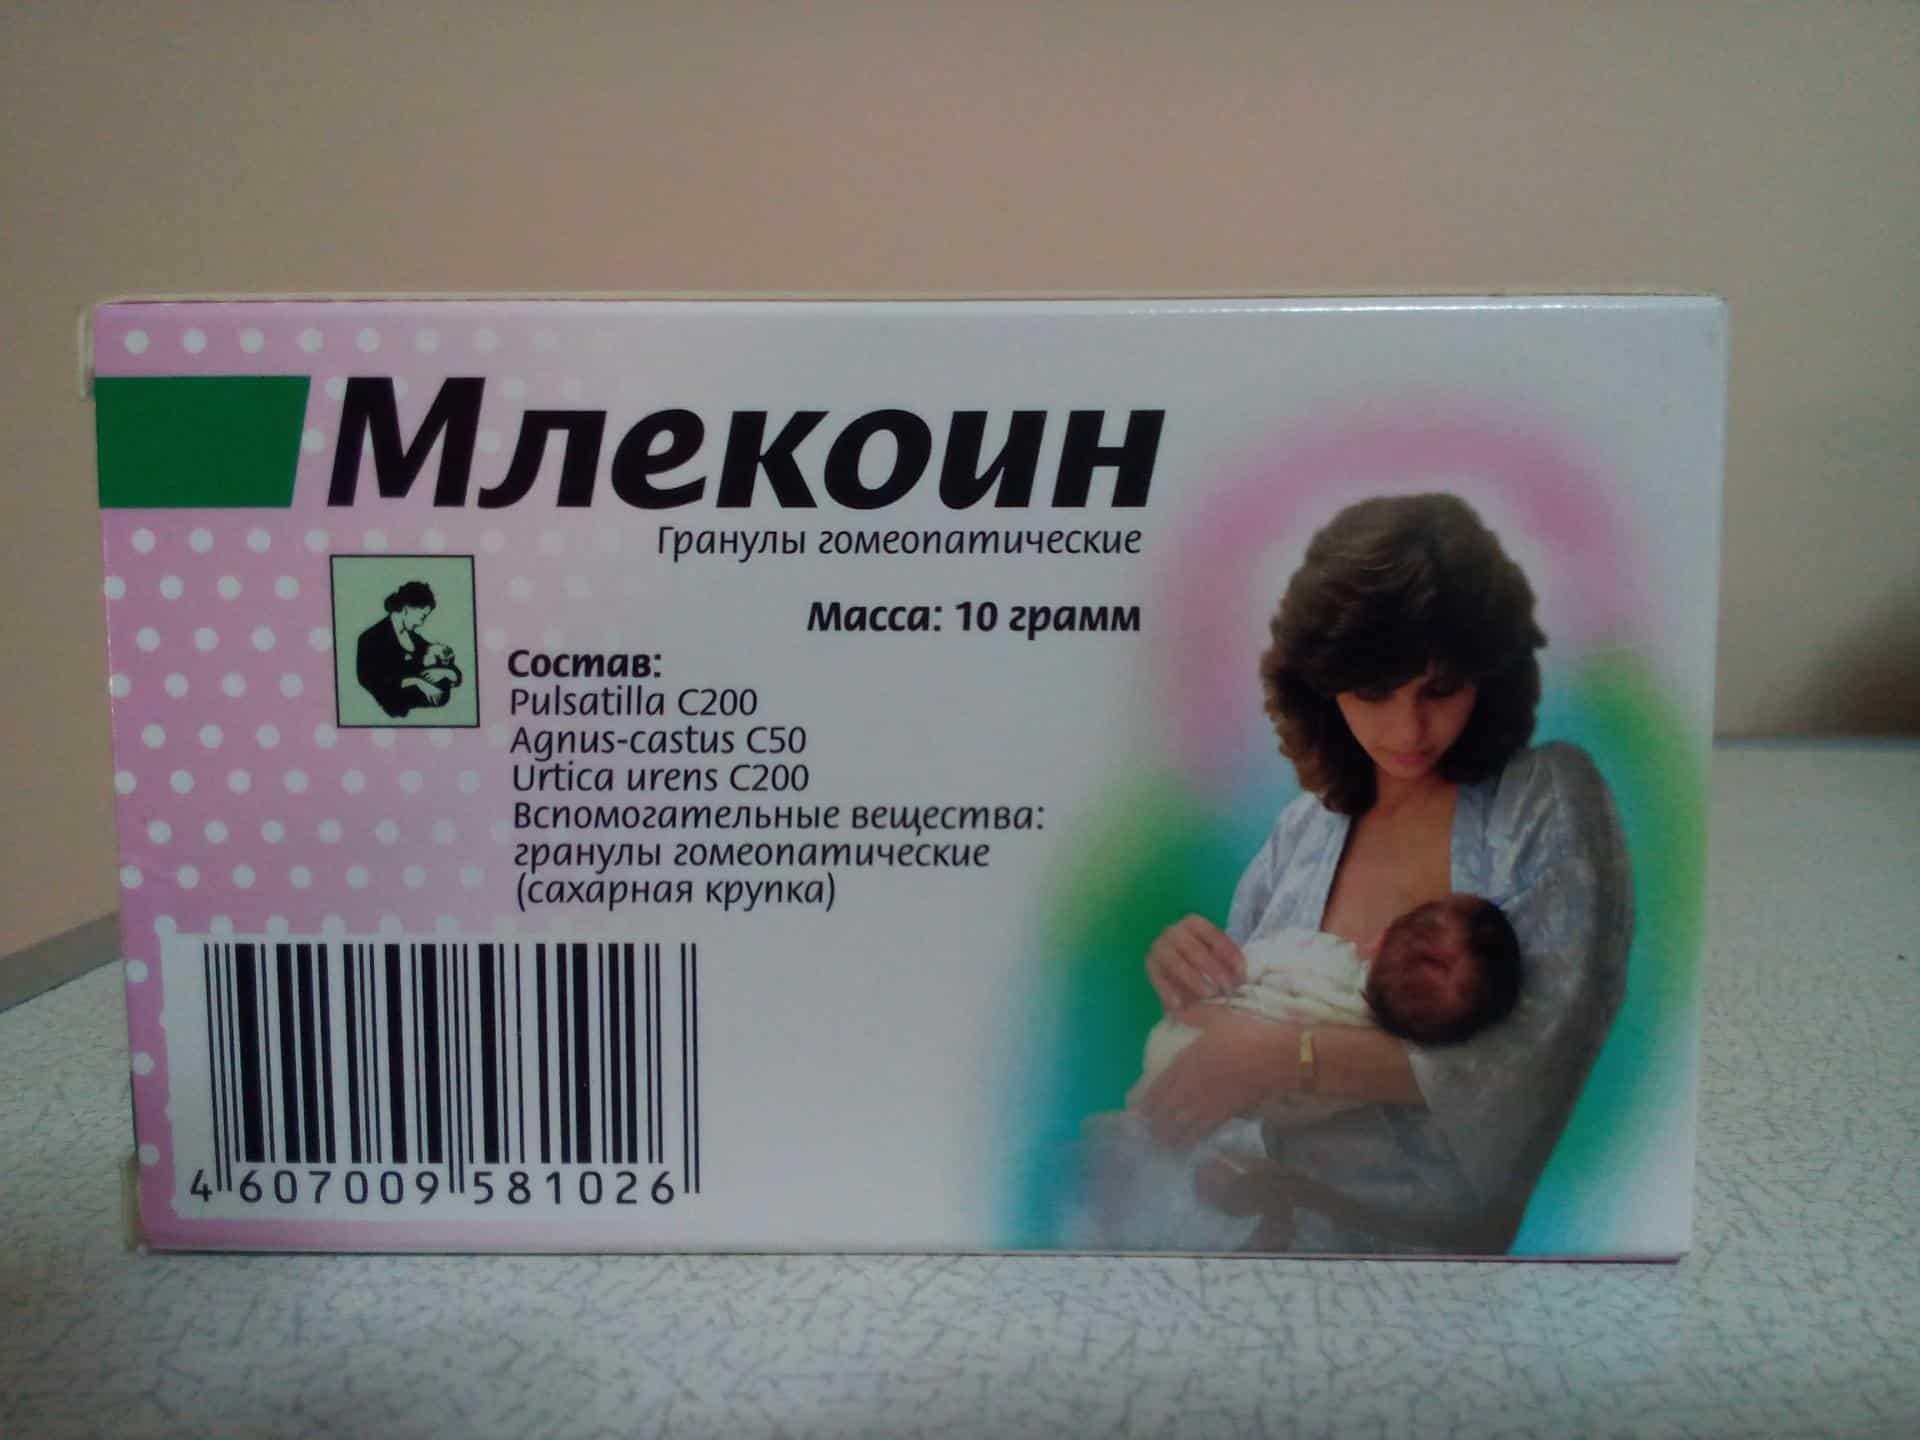 Гомеопатия для увеличения лактации – инструкция по применению таблеток млекоин для кормящих мам. - топотушки